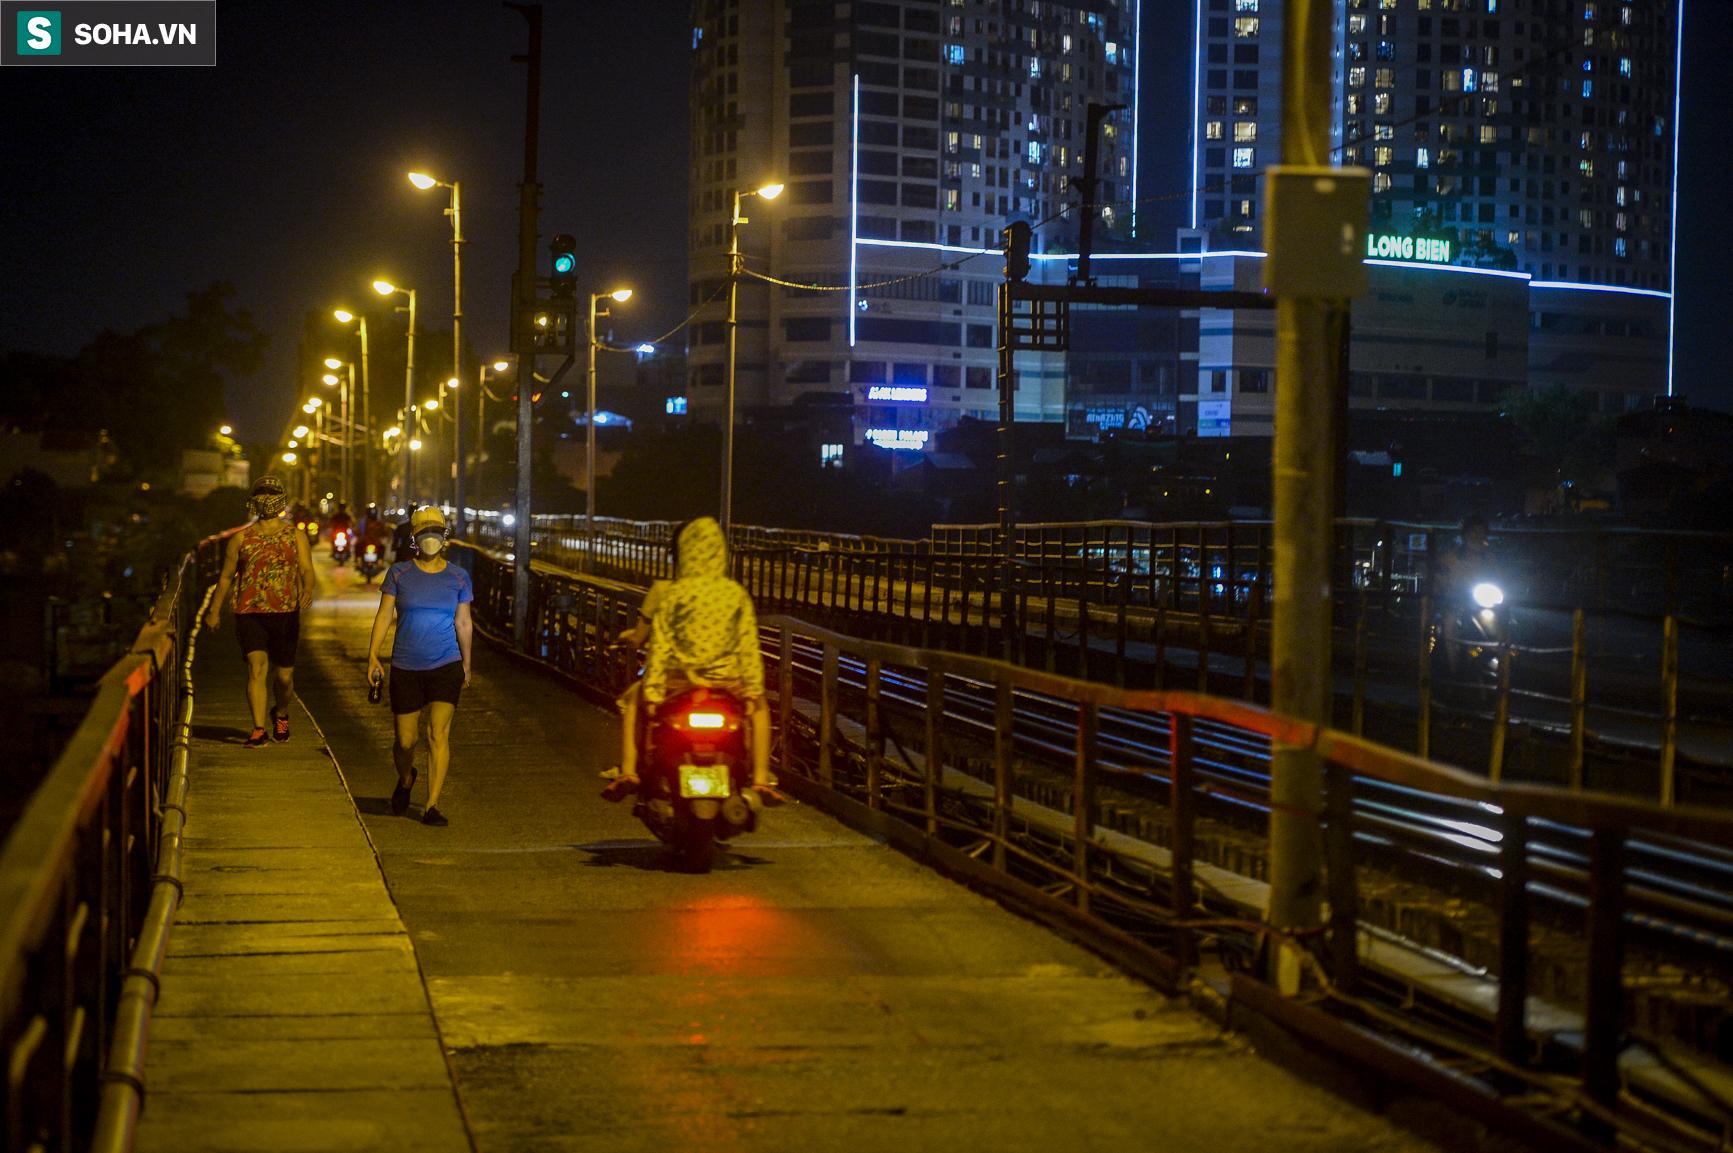 Hà Nội: Nam thanh nữ tú thản nhiên lên cầu Long Biên tâm sự, chụp ảnh, hóng mát bất chấp giãn cách xã hội - Ảnh 1.